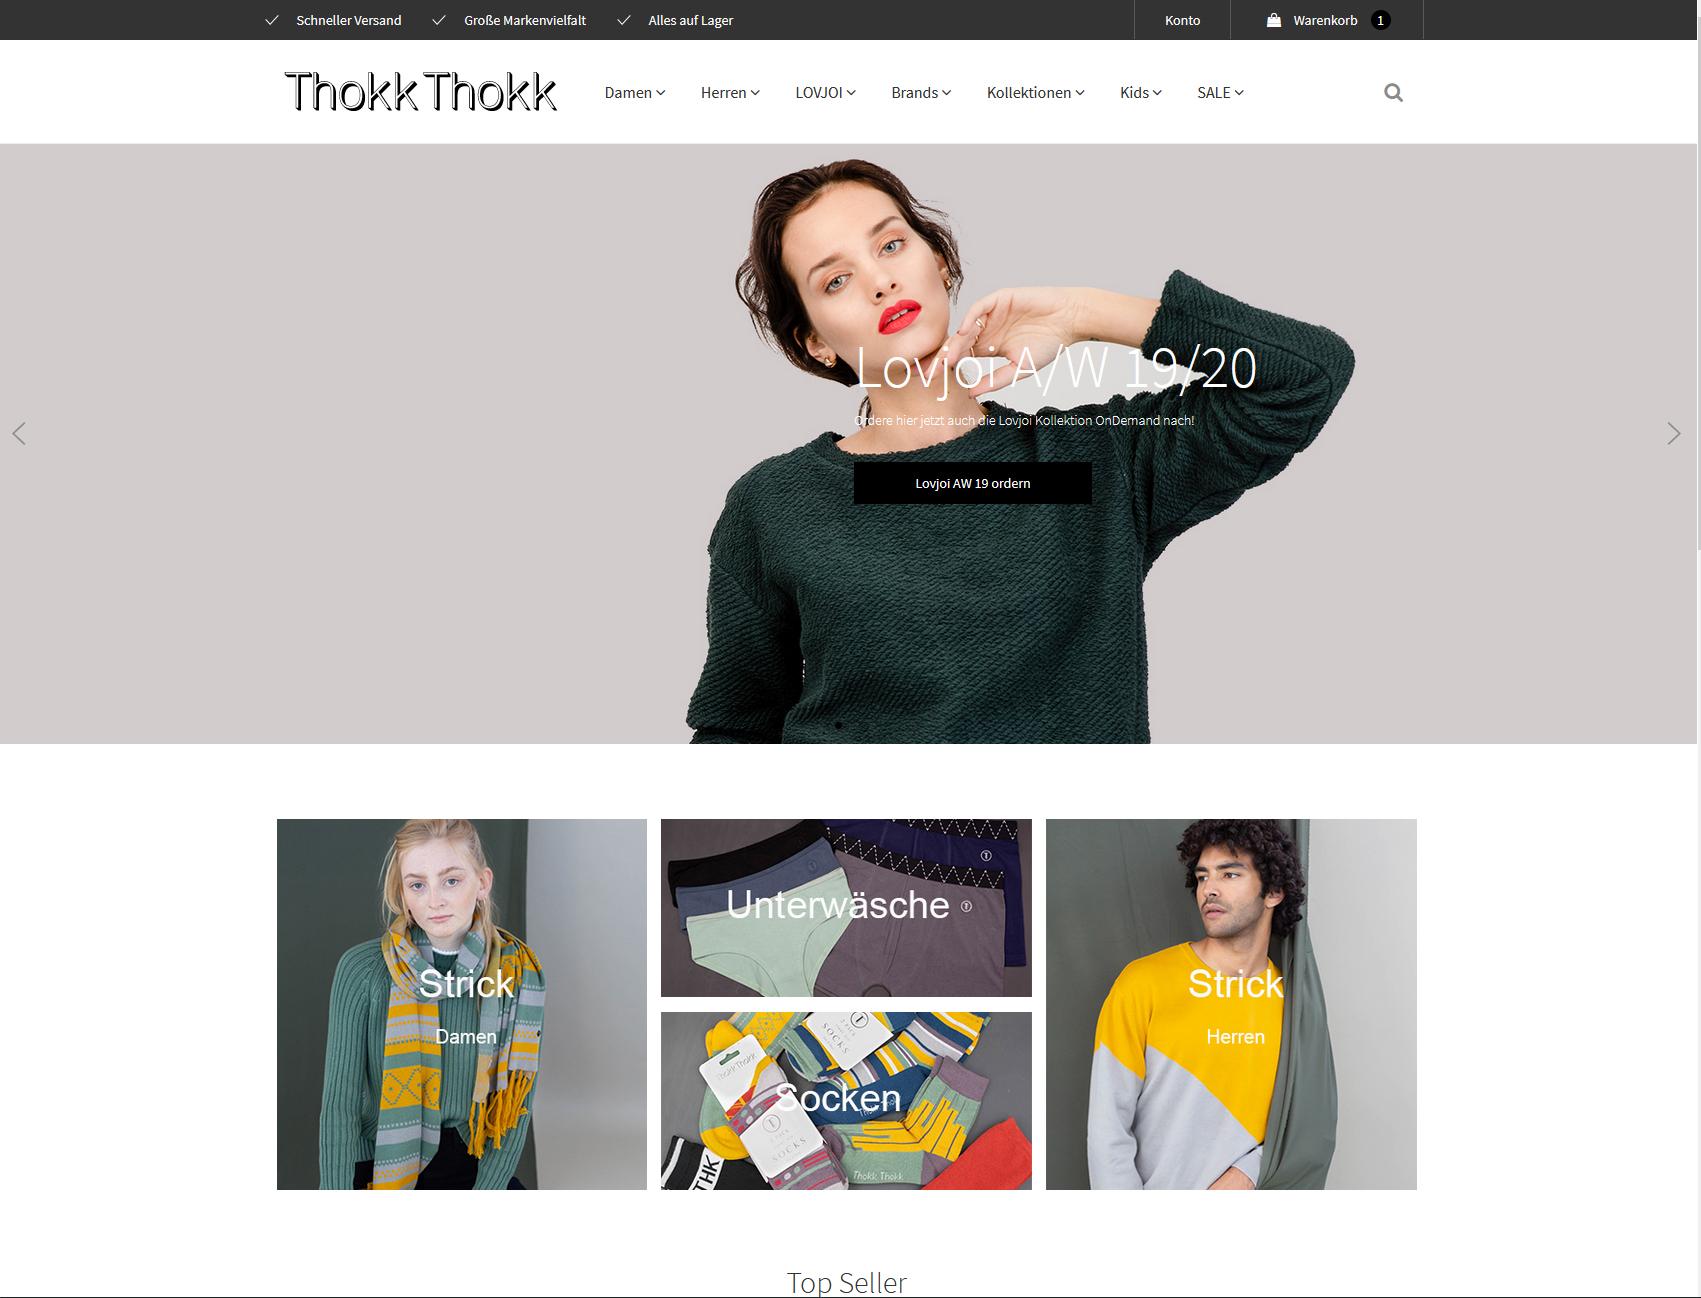 vfxjohow-webdesign.jpg